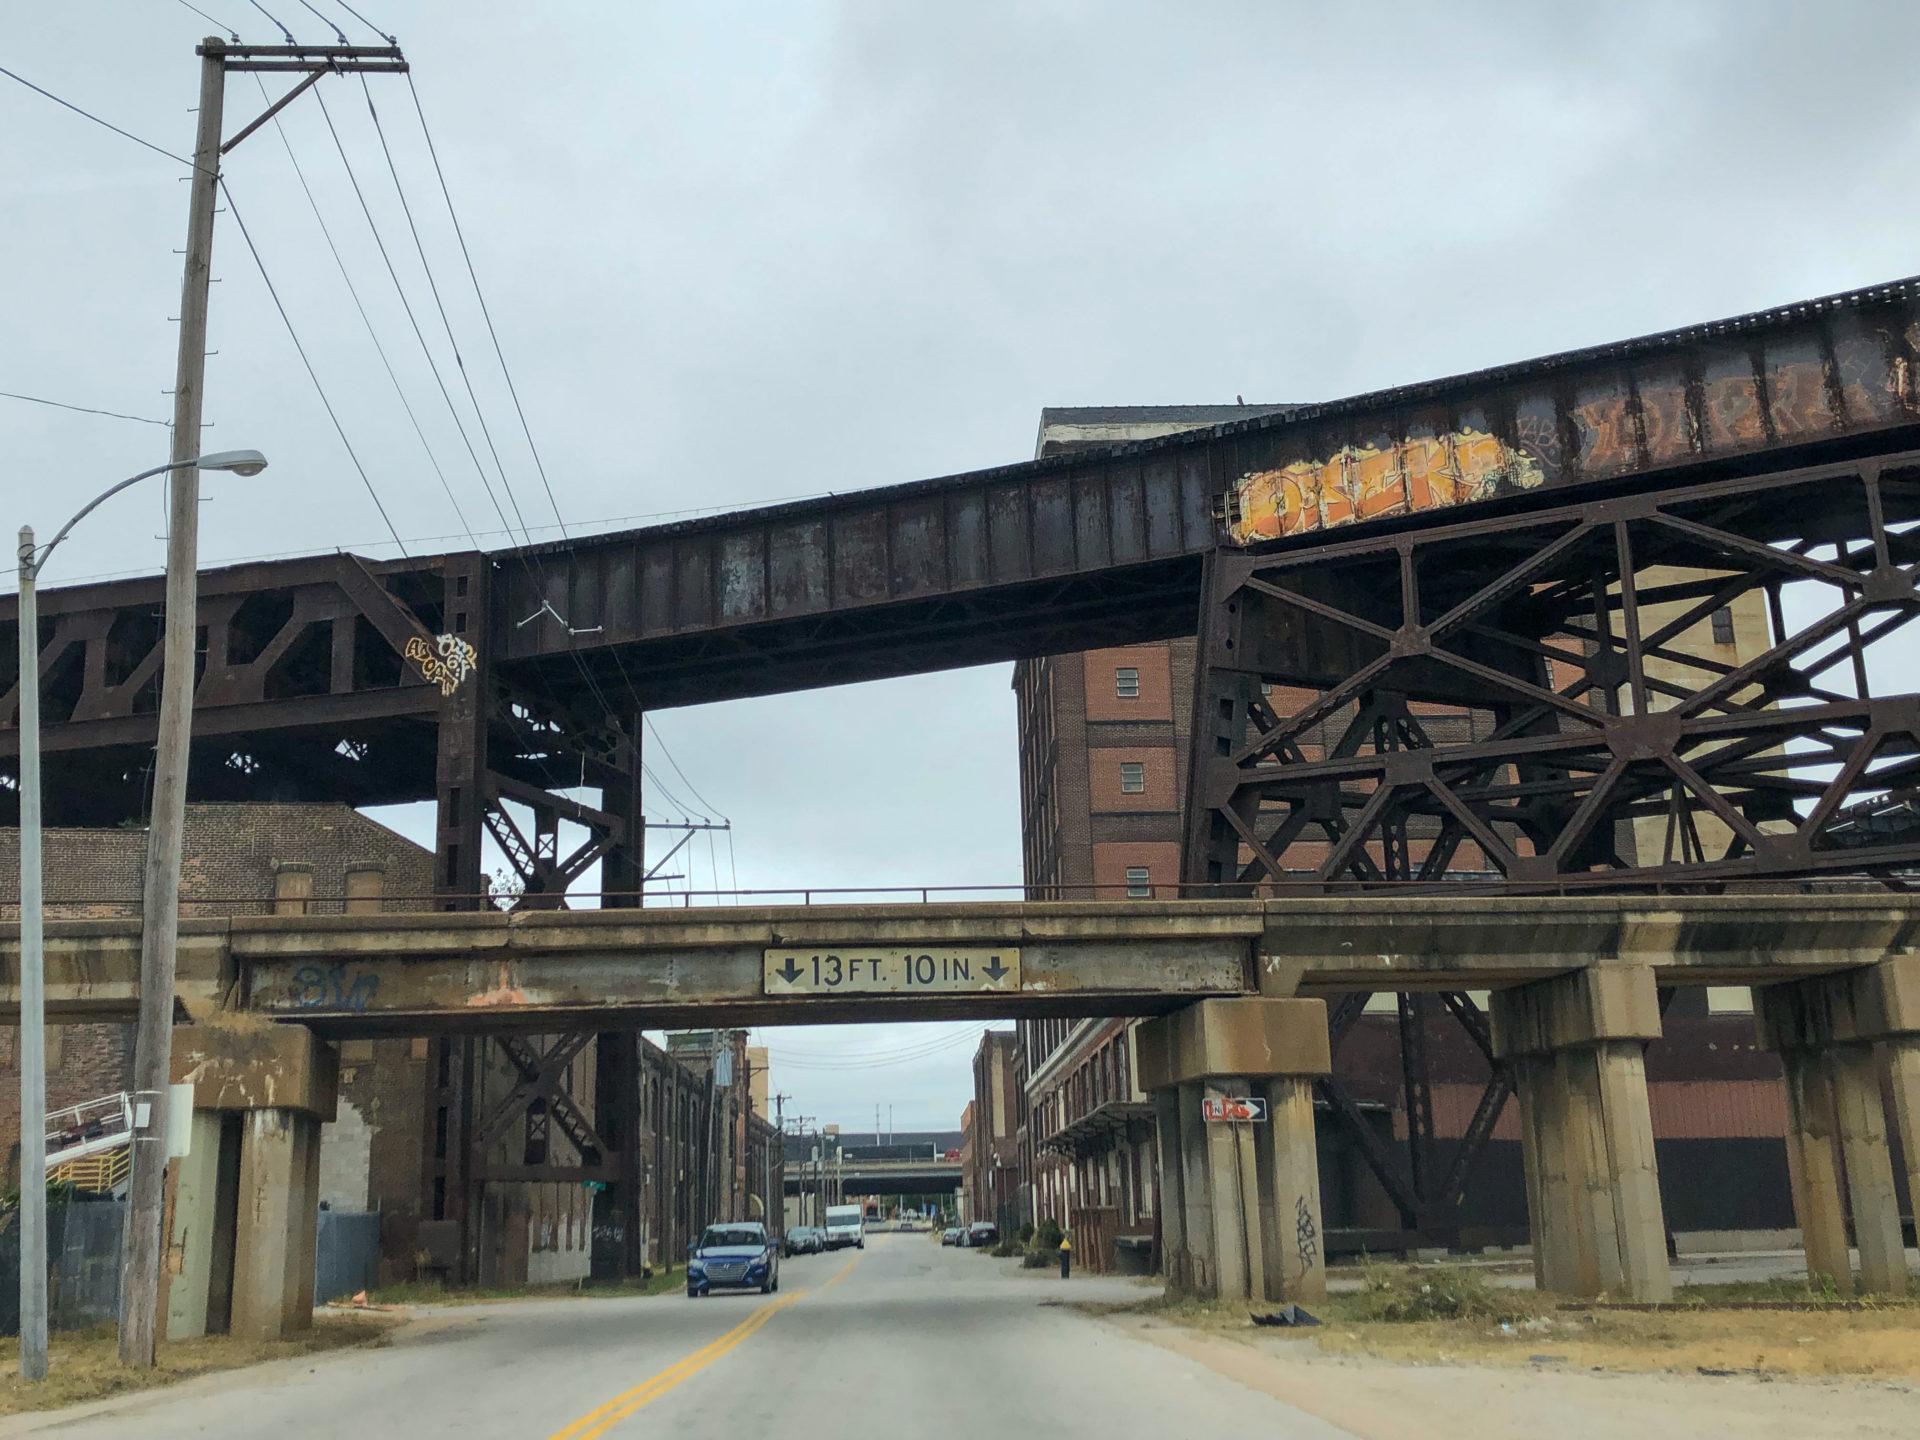 Verrostete Eisenbahnbrücke an der Route 66 in Saint Louis